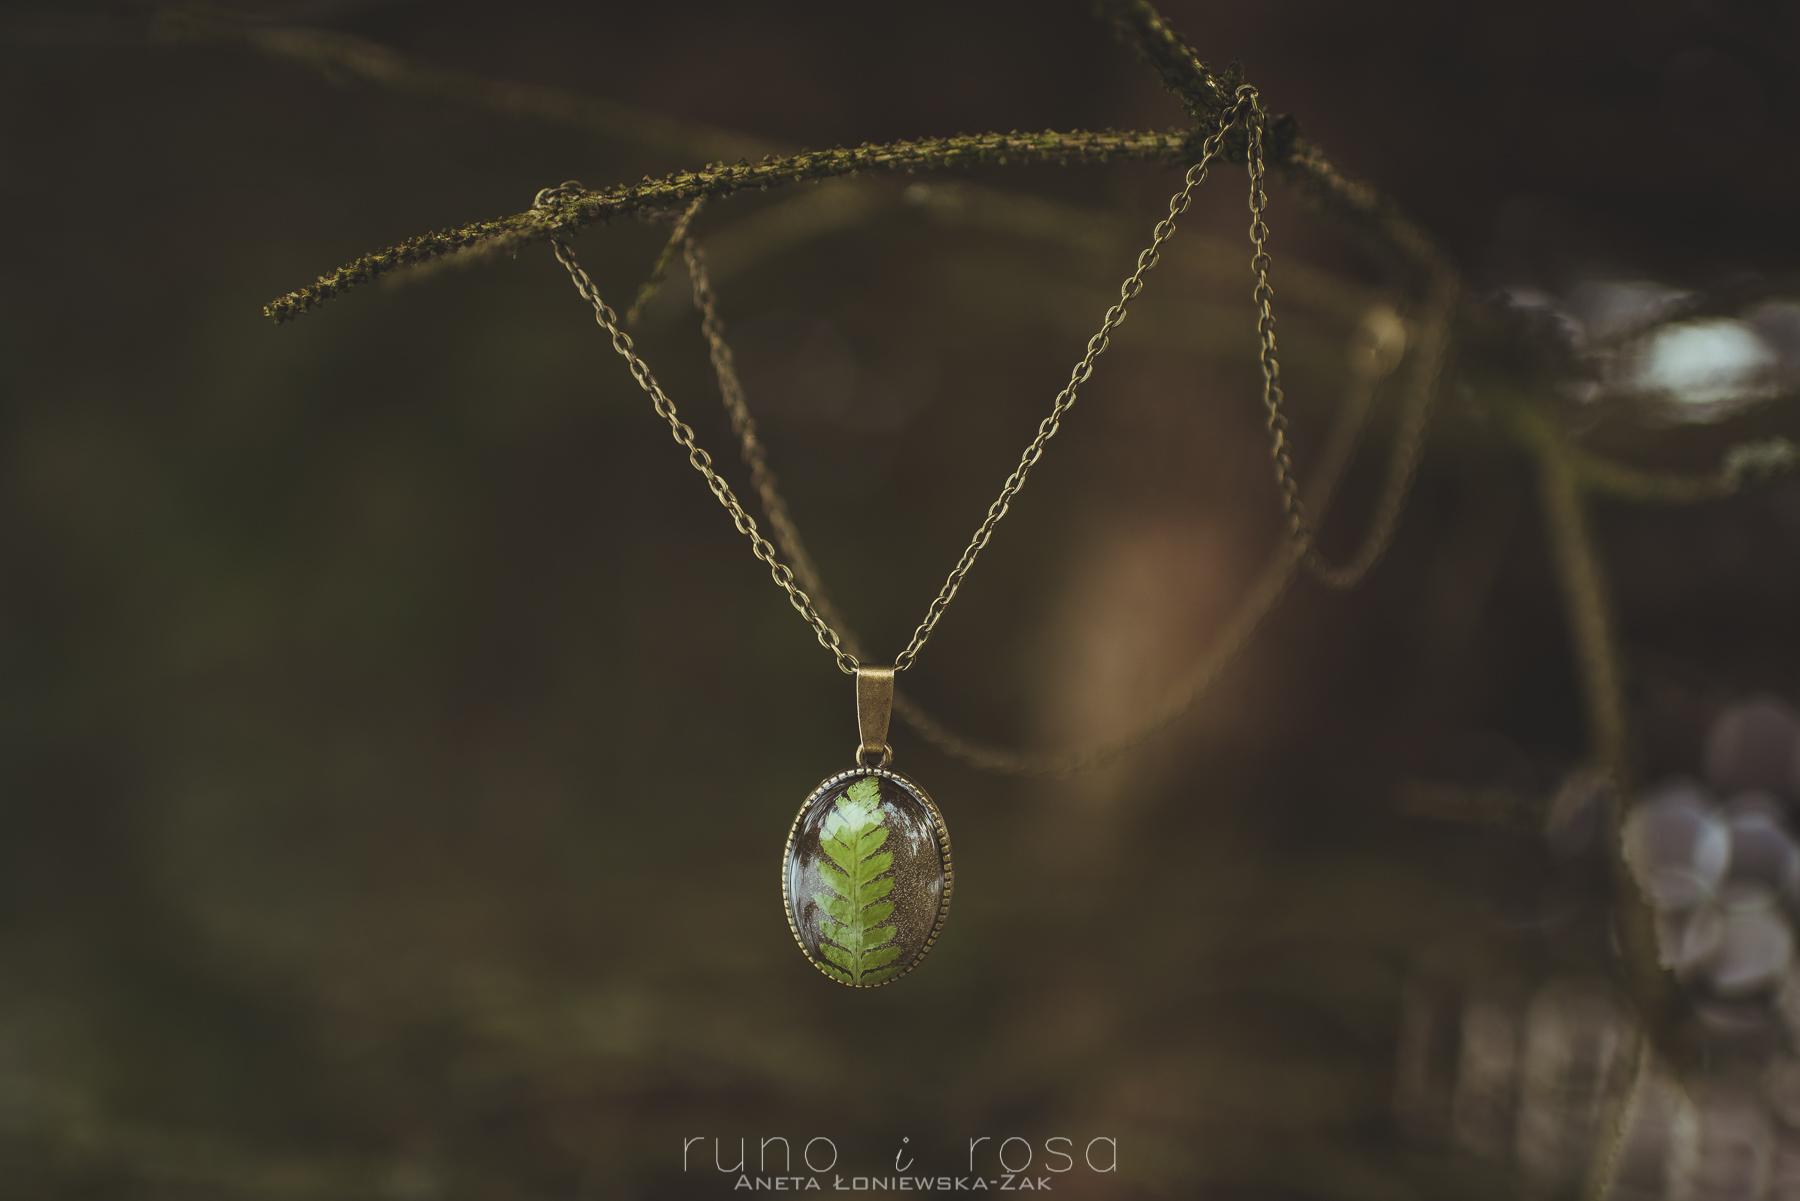 biżuteria handmade, biżuteria z roślinami, biżuteria z żywicy, runo i rosa, wisiorek z paprotką